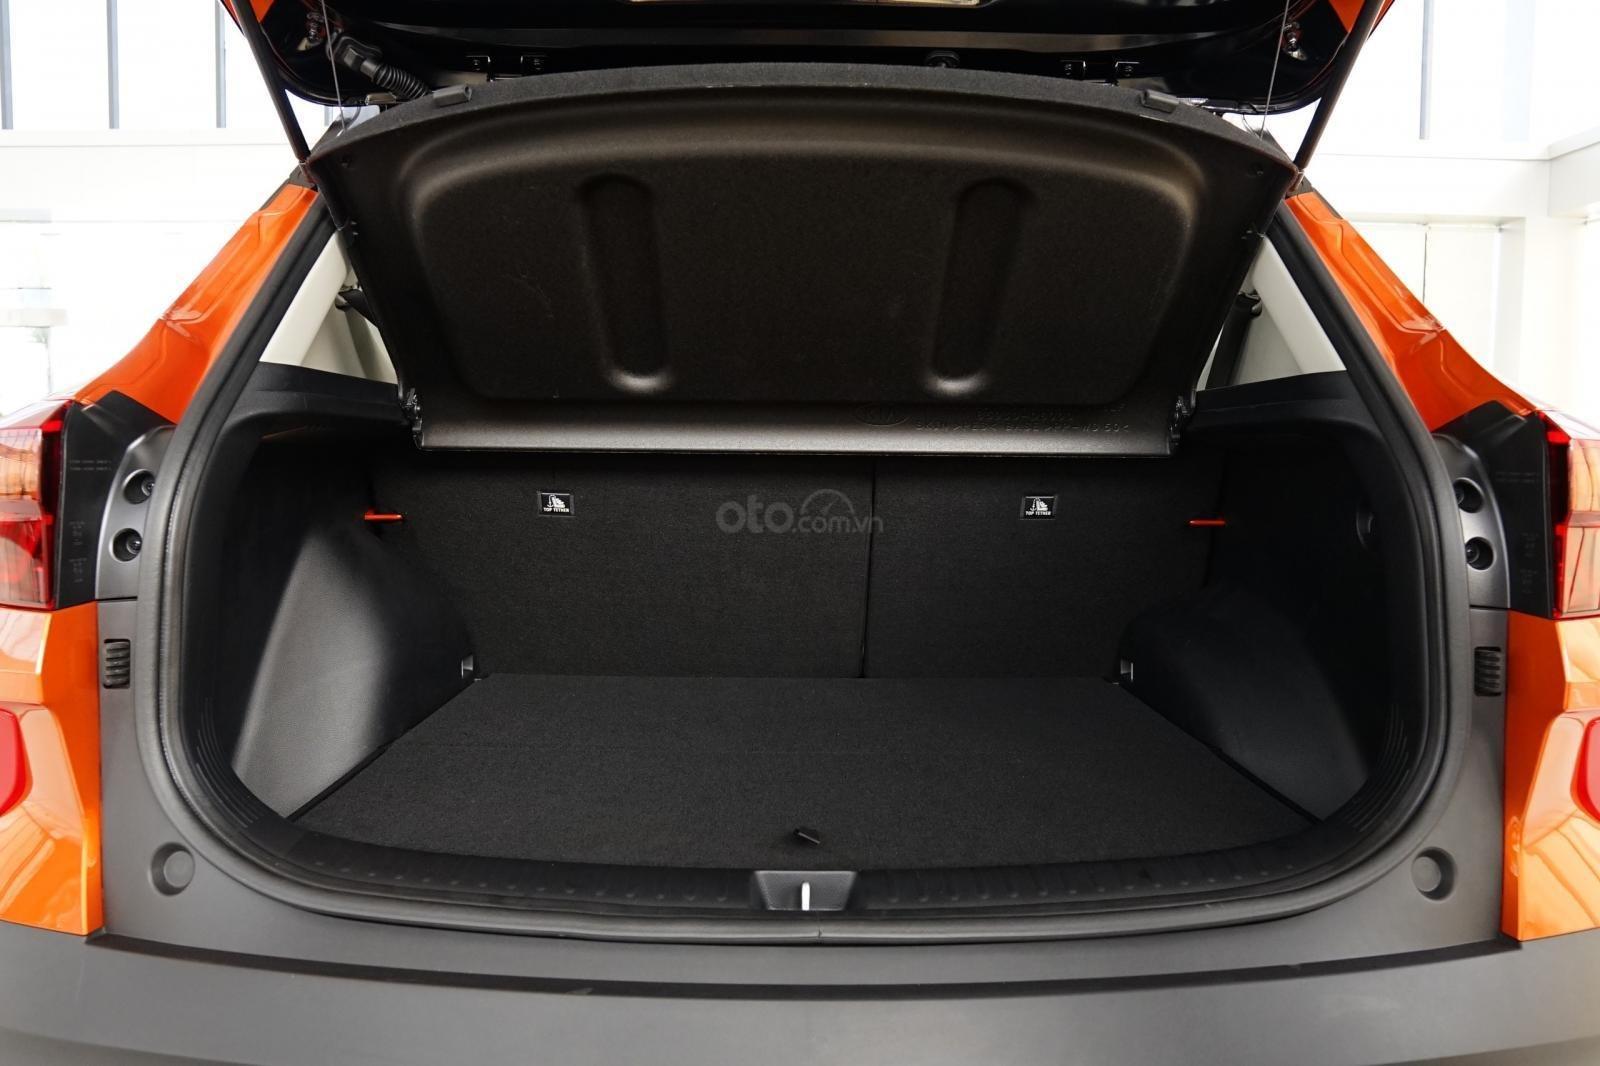 Kia Seltos 1.4 Premium cam - đen, giao xe tháng 1/2021 (9)